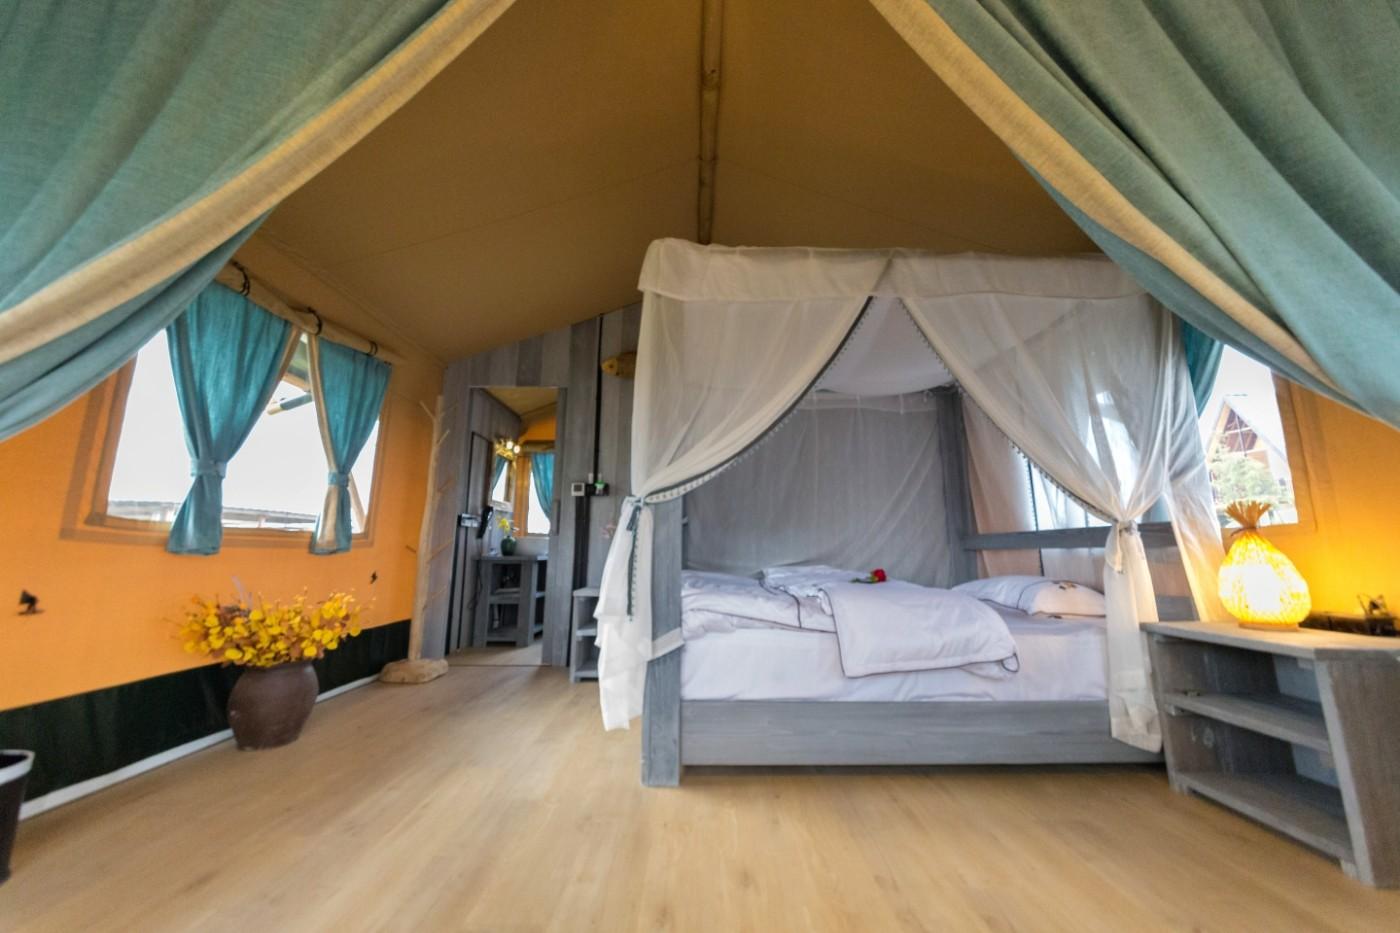 喜马拉雅野奢帐篷酒店—浙江留香之家露营地(54平)24